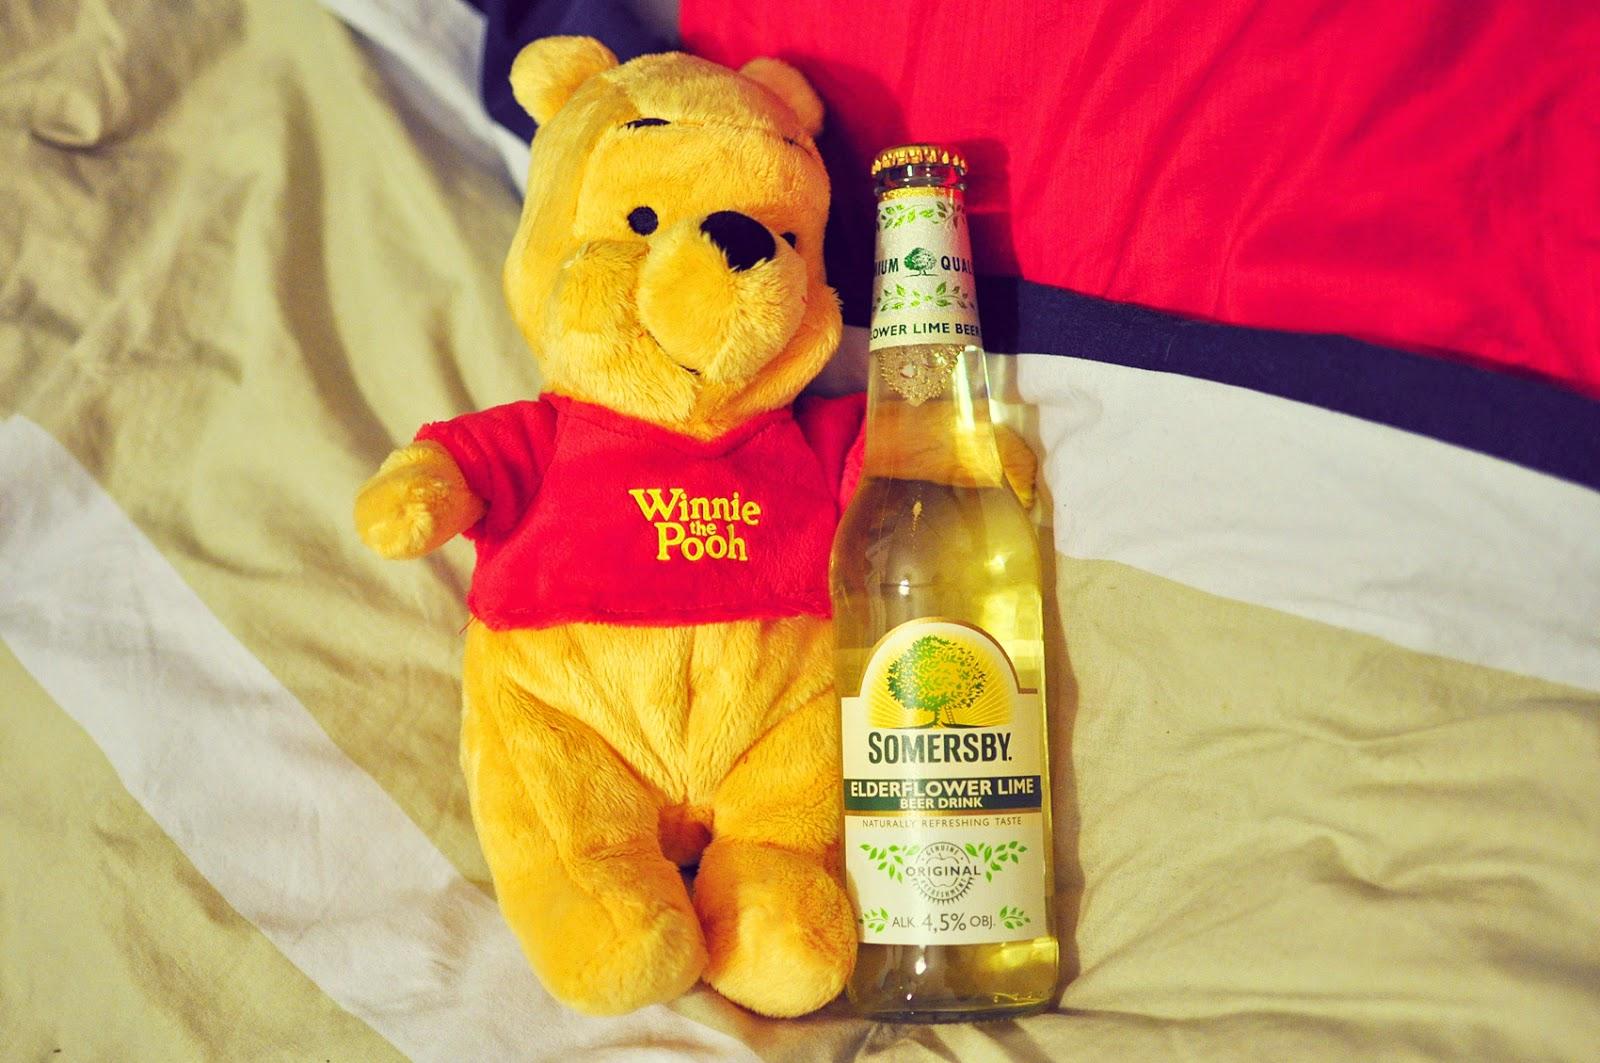 najlepszy-przyjaciel_impreza_piwo